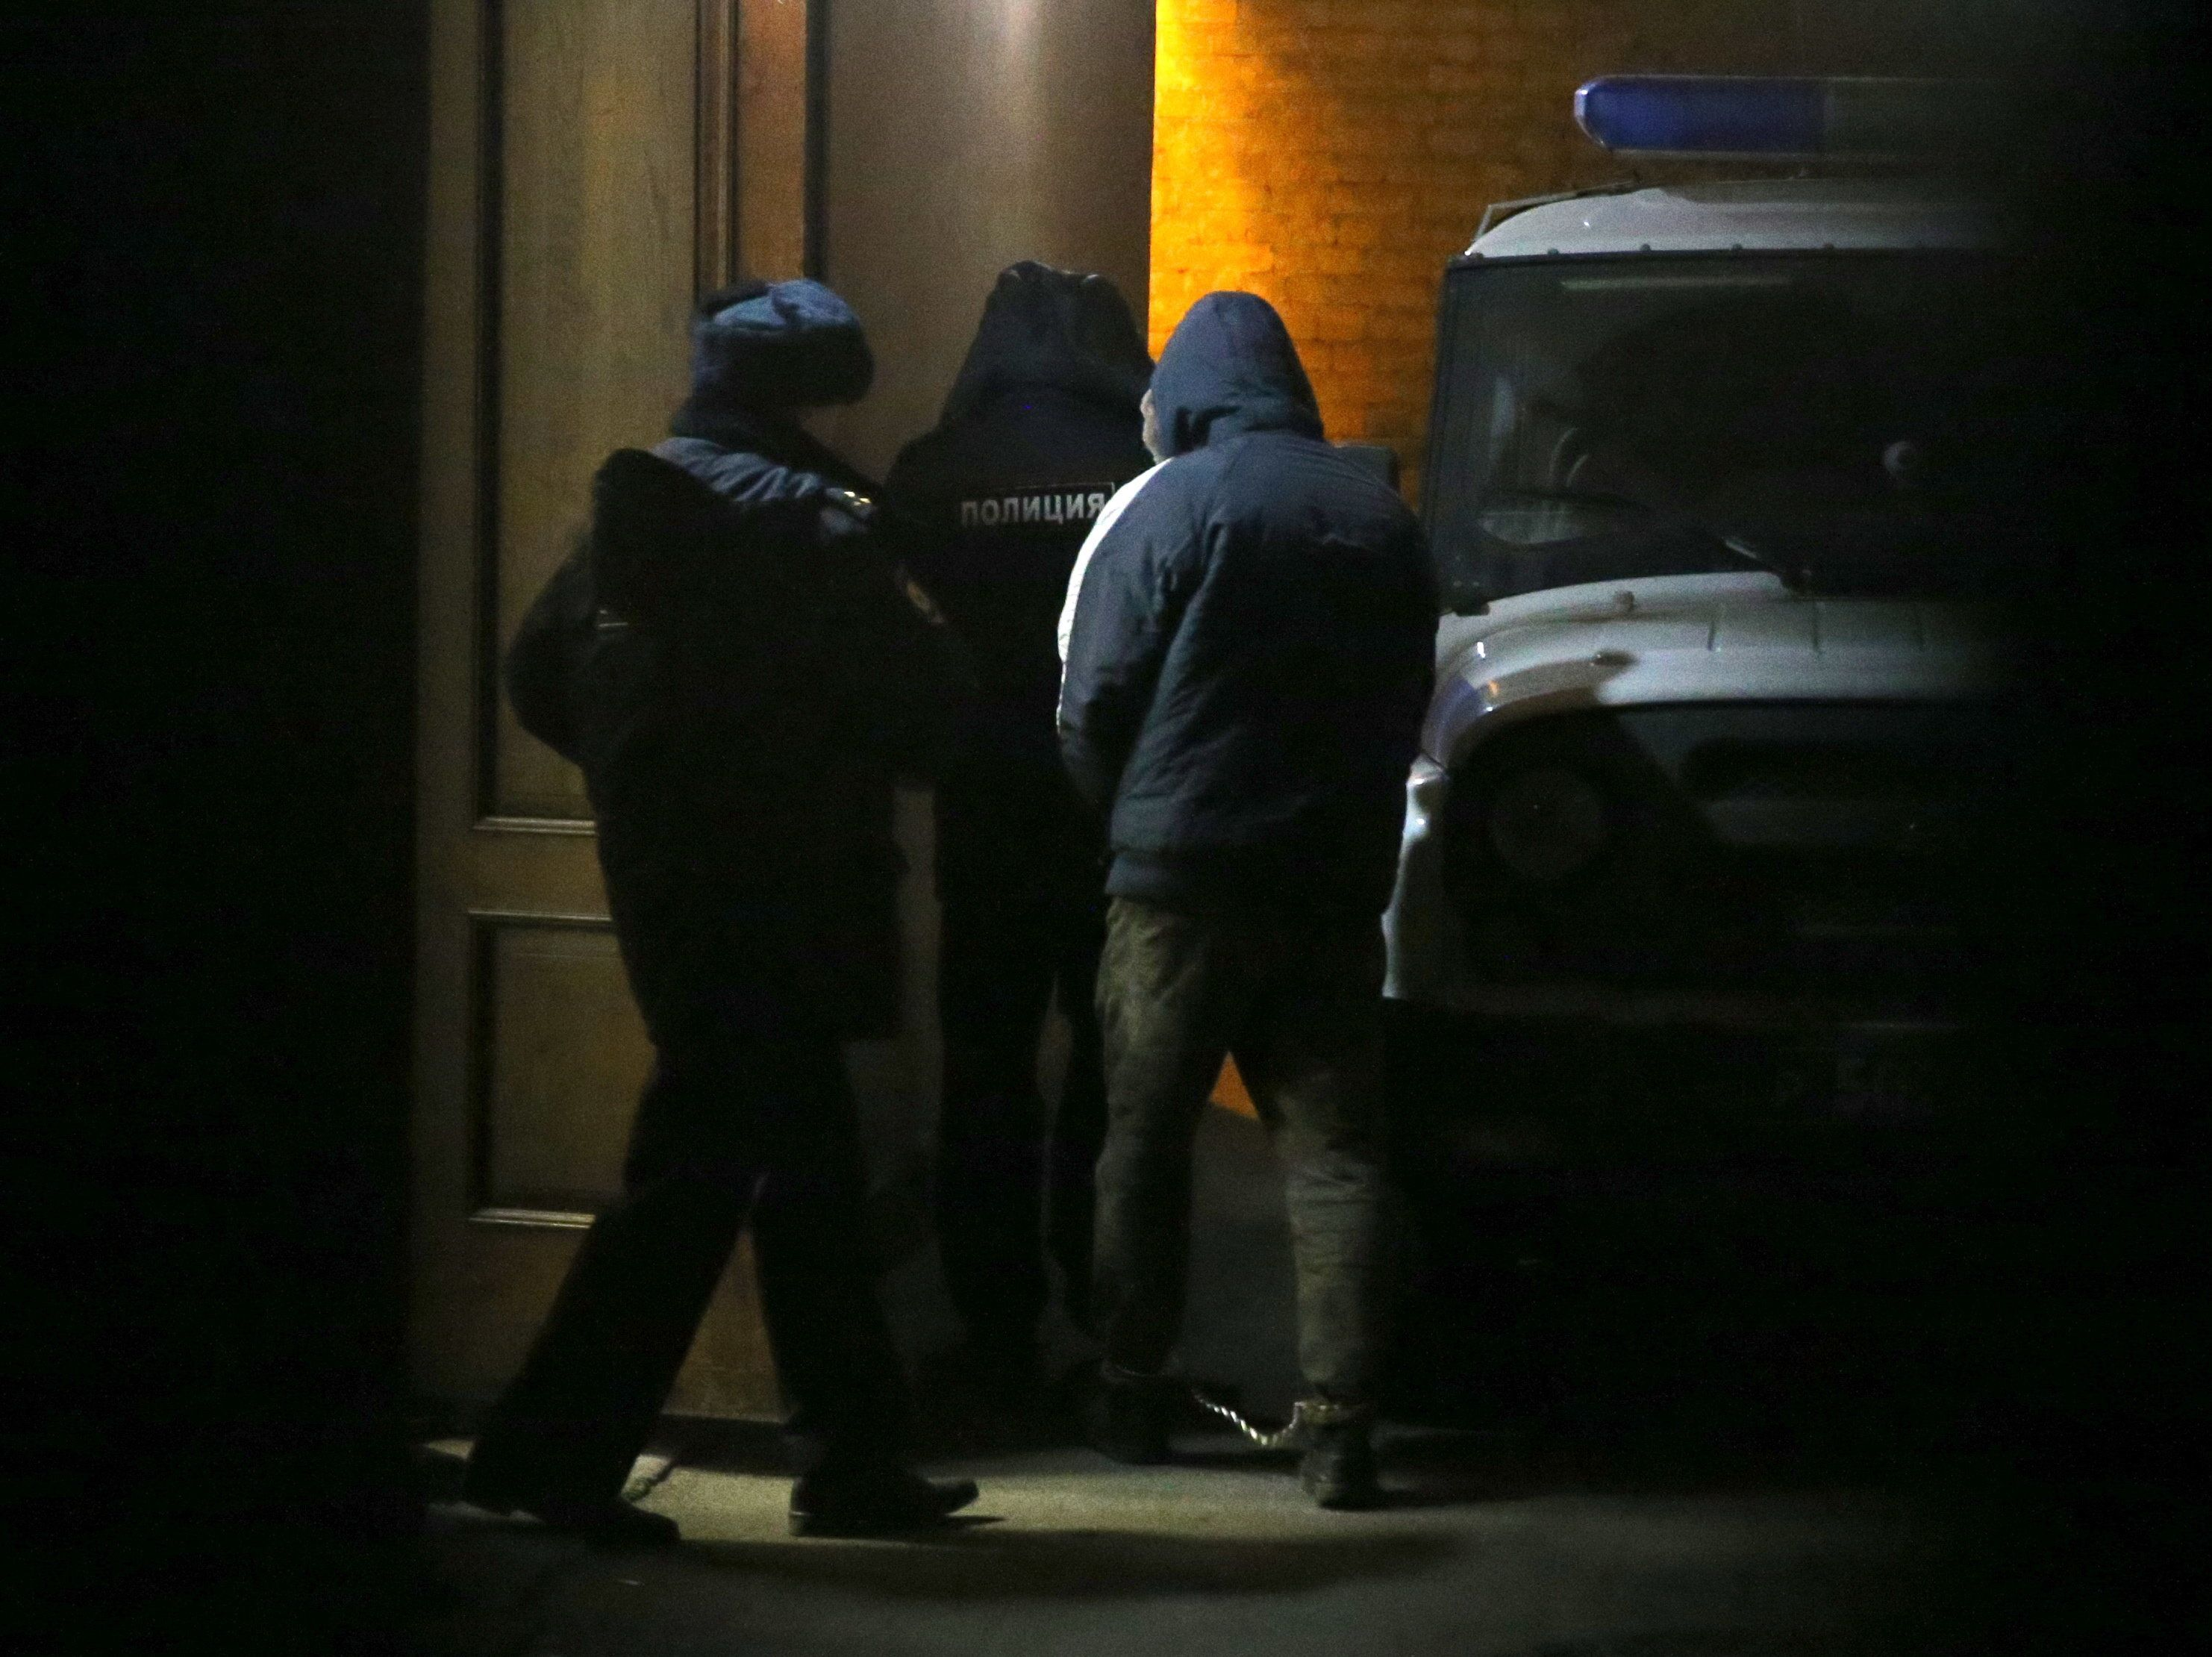 Η Ελλάδα εξέδωσε στην Ρωσία έναν από τους αρχηγούς μεγάλης εγκληματικής οργάνωσης